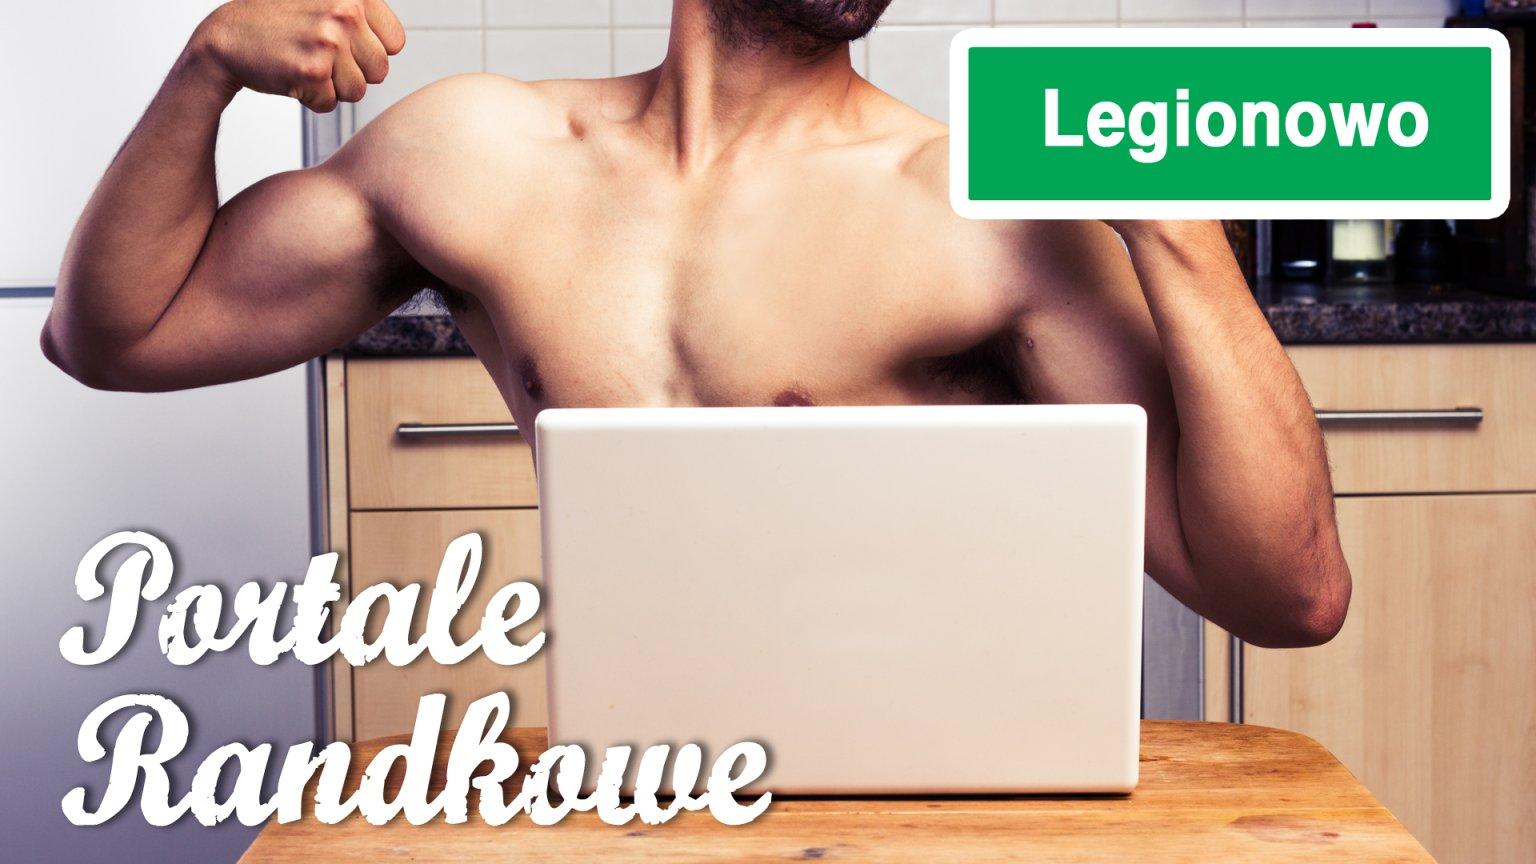 Seks w małym mieście - portale randkowe